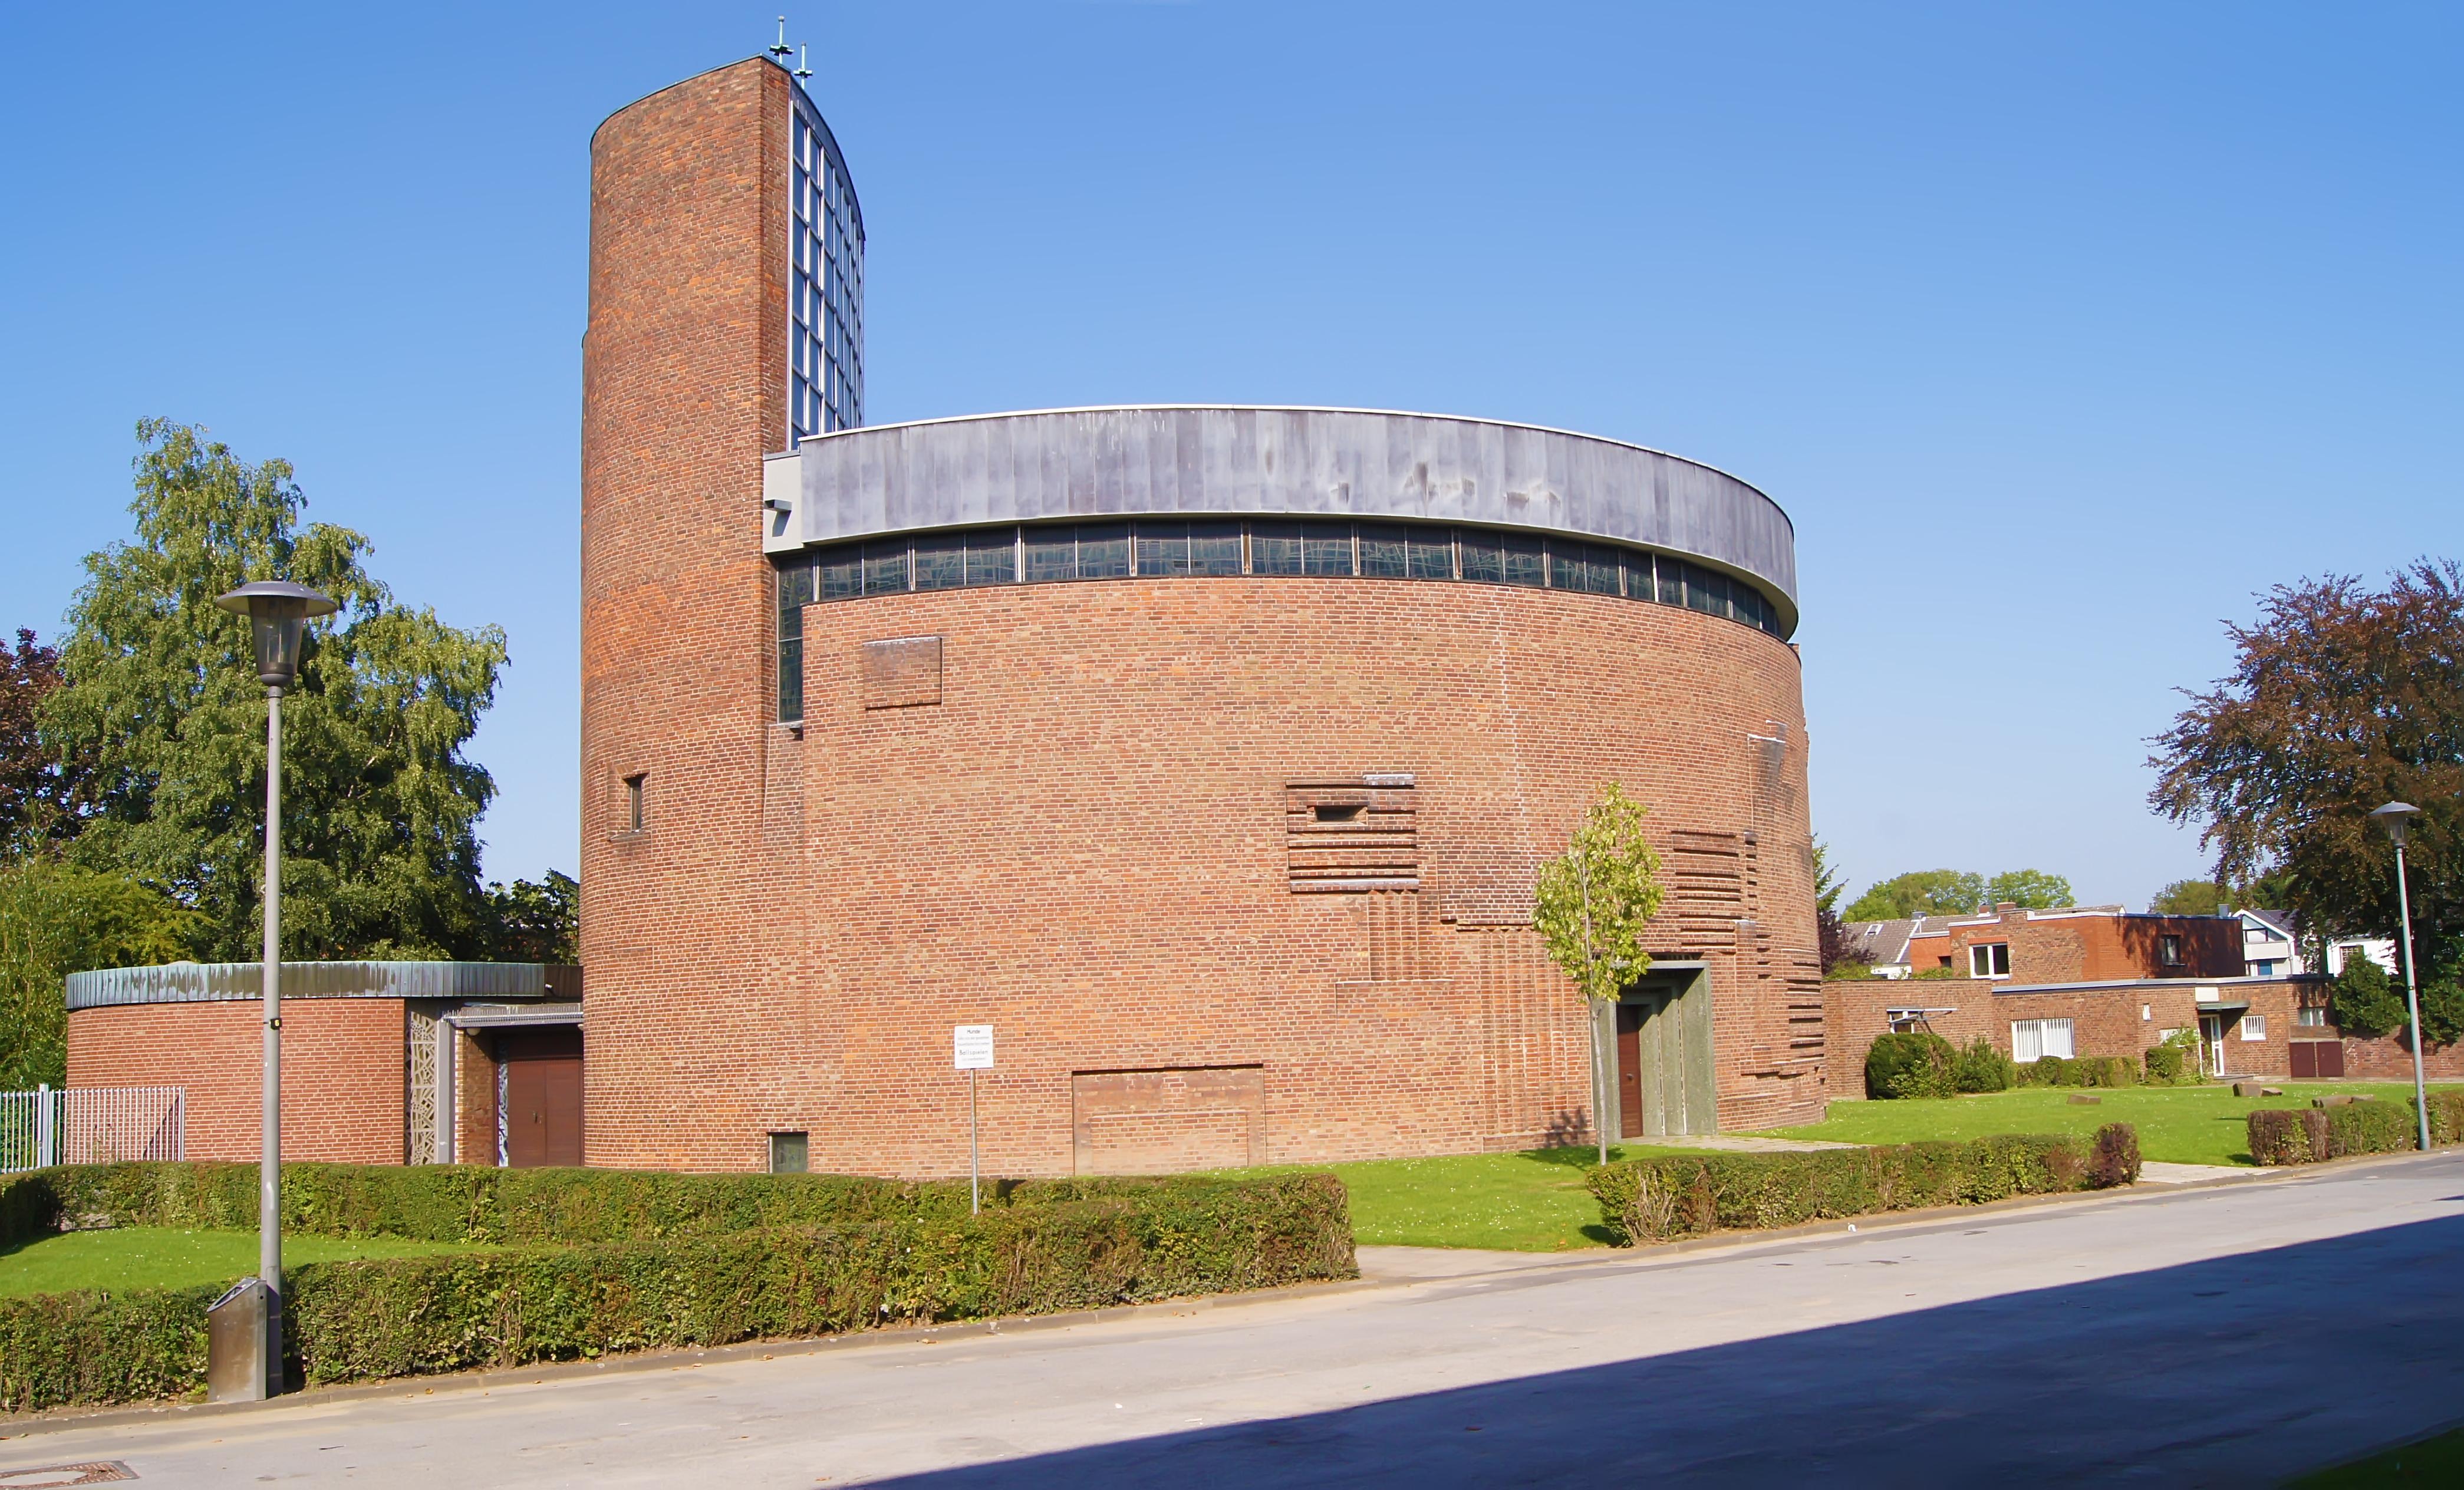 St Franziskus Kirche